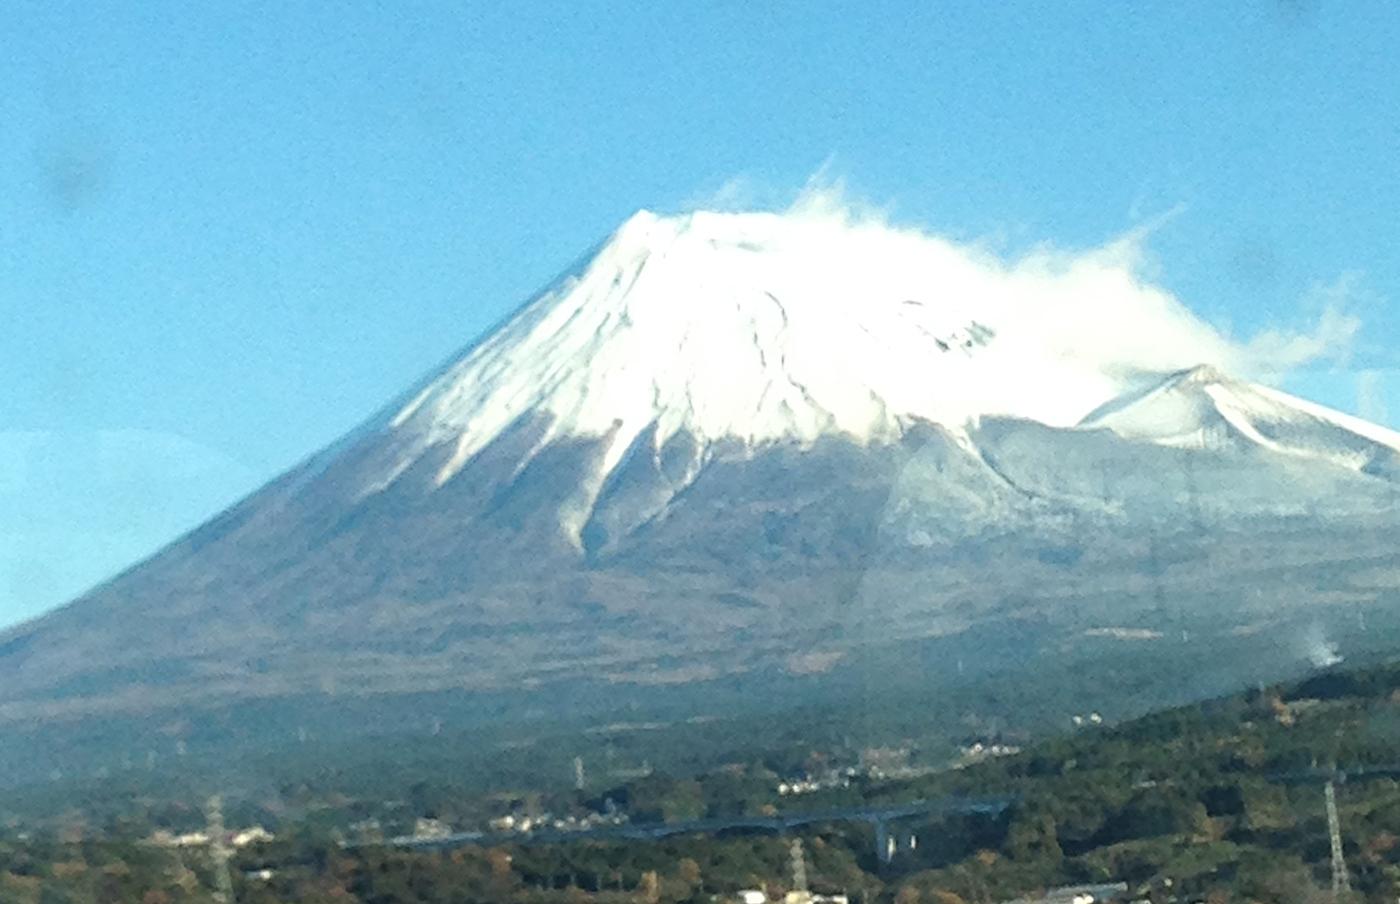 Mt. Fuji from the Tokaido Shinkansen